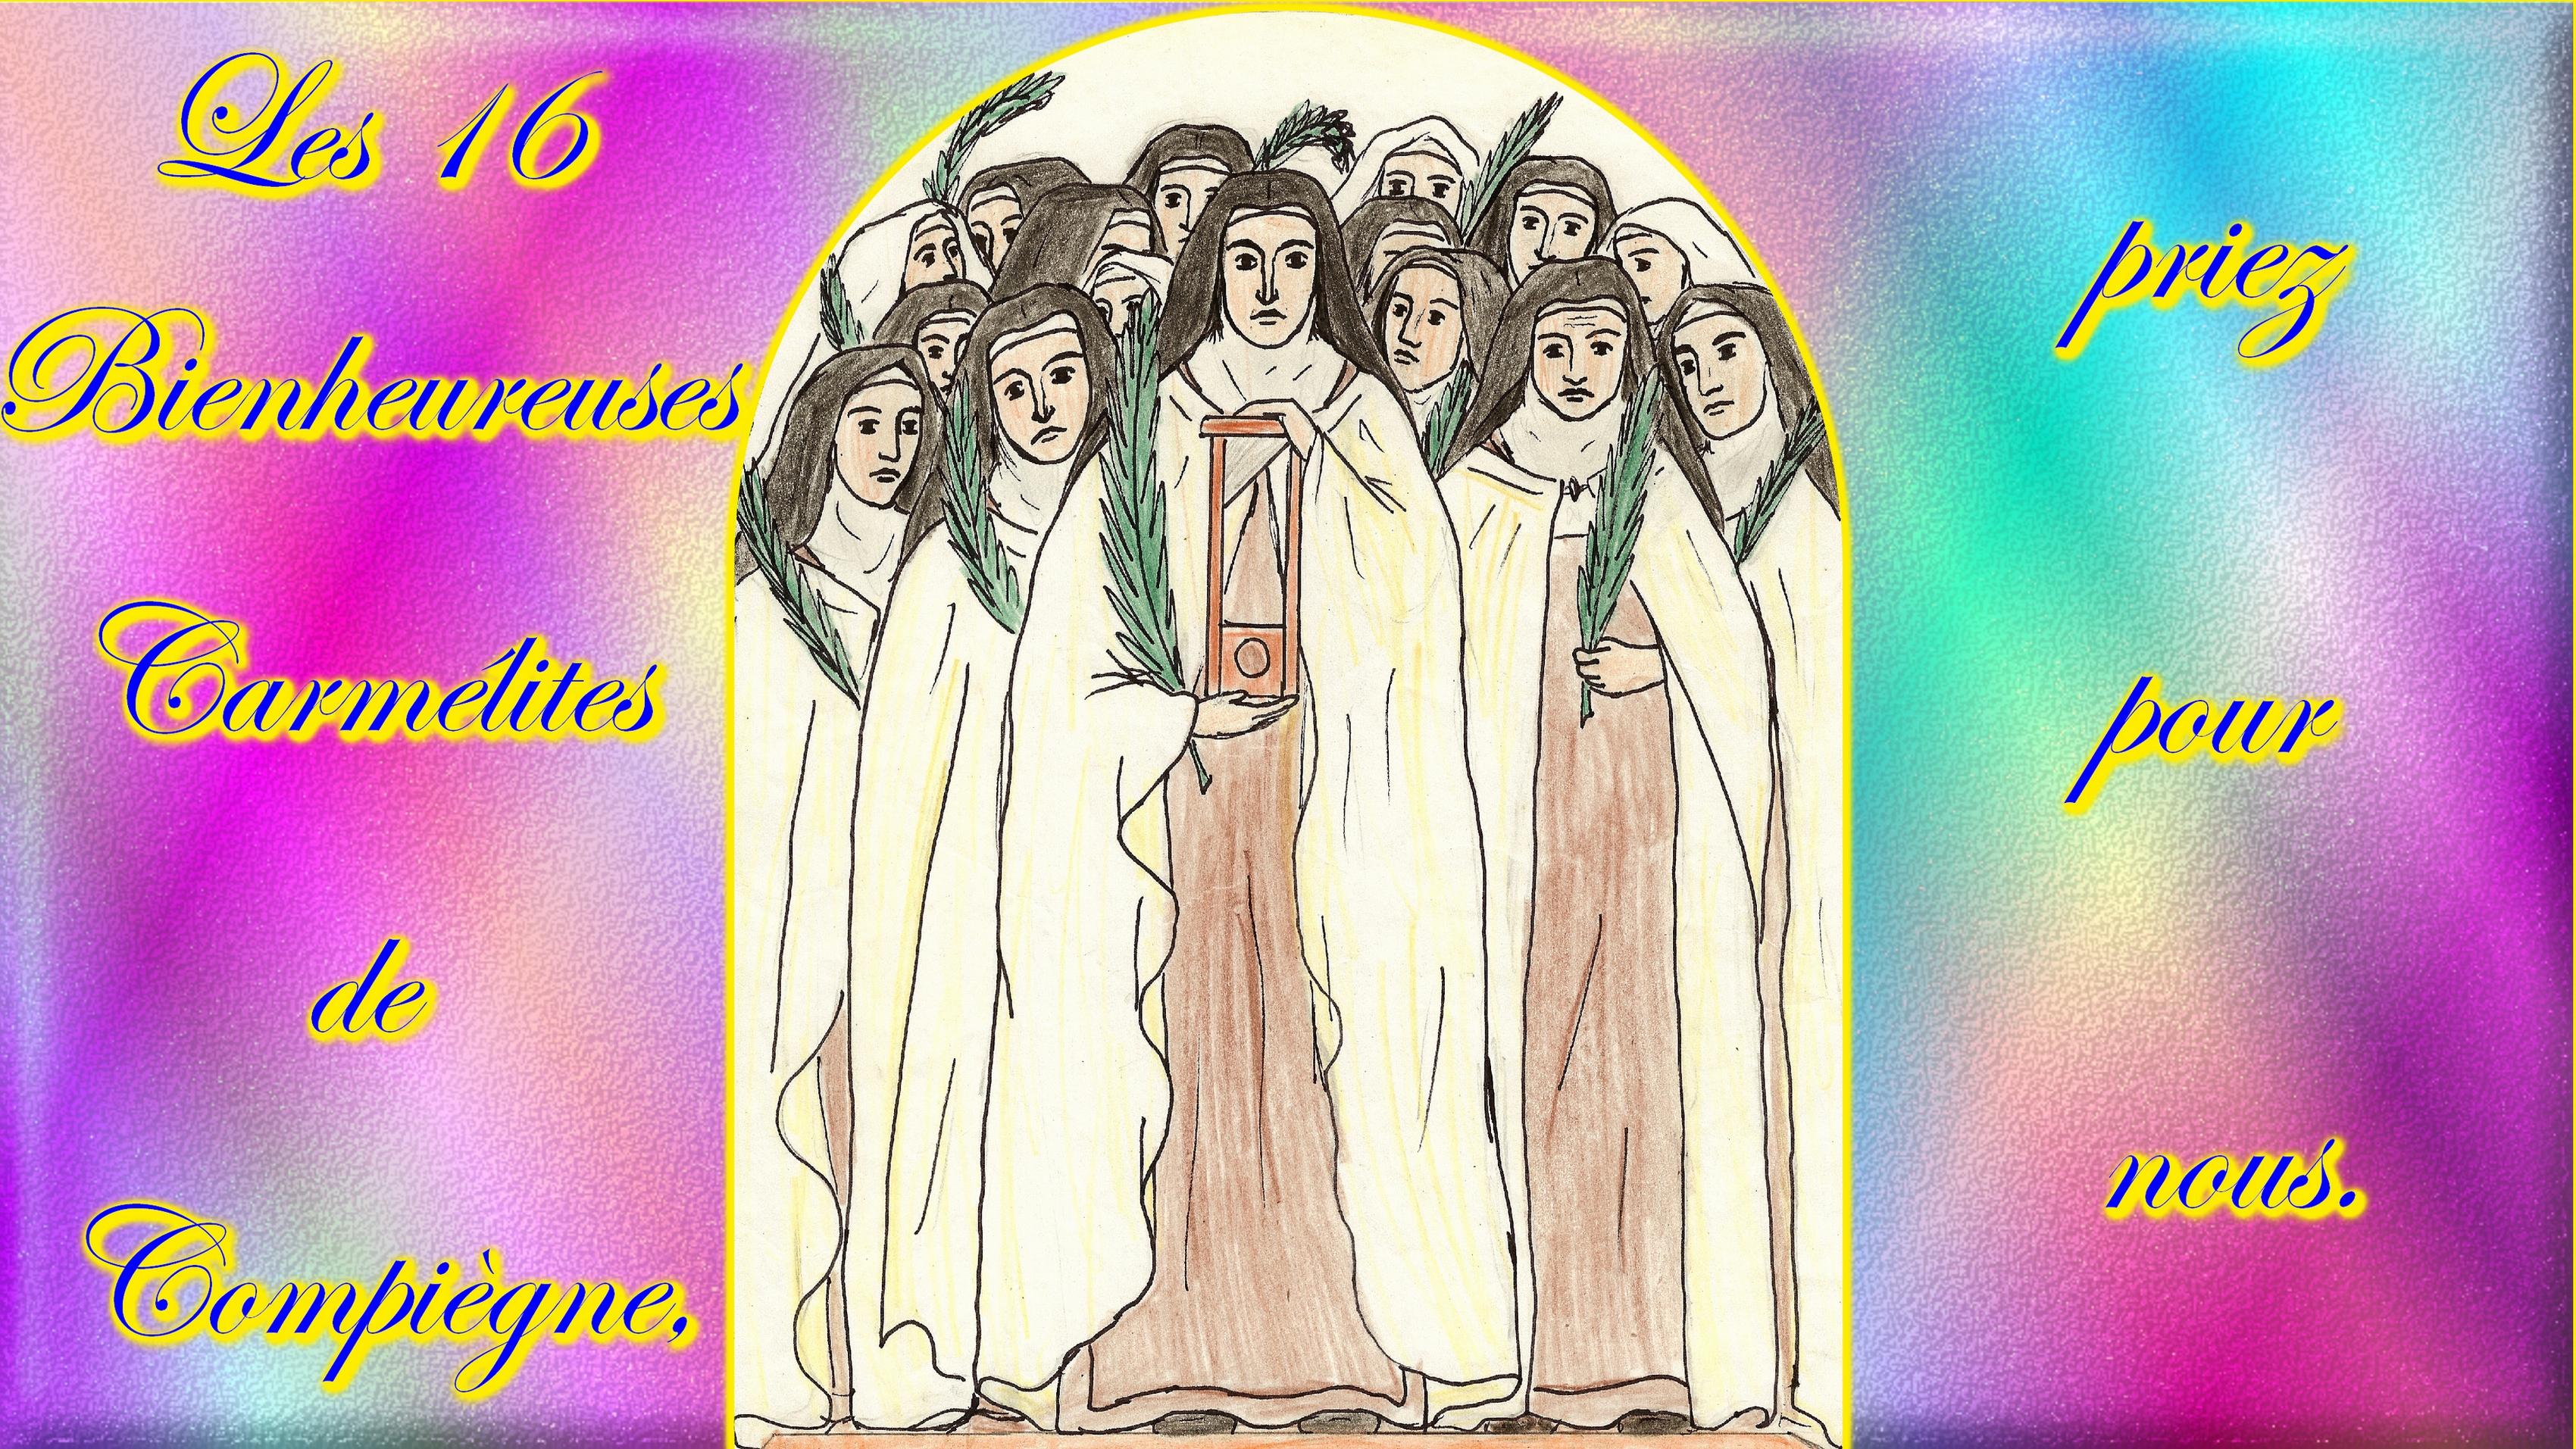 CALENDRIER CATHOLIQUE 2020 (Cantiques, Prières & Images) - Page 20 16-bses-carm-lite...ompi-gne-578fac5